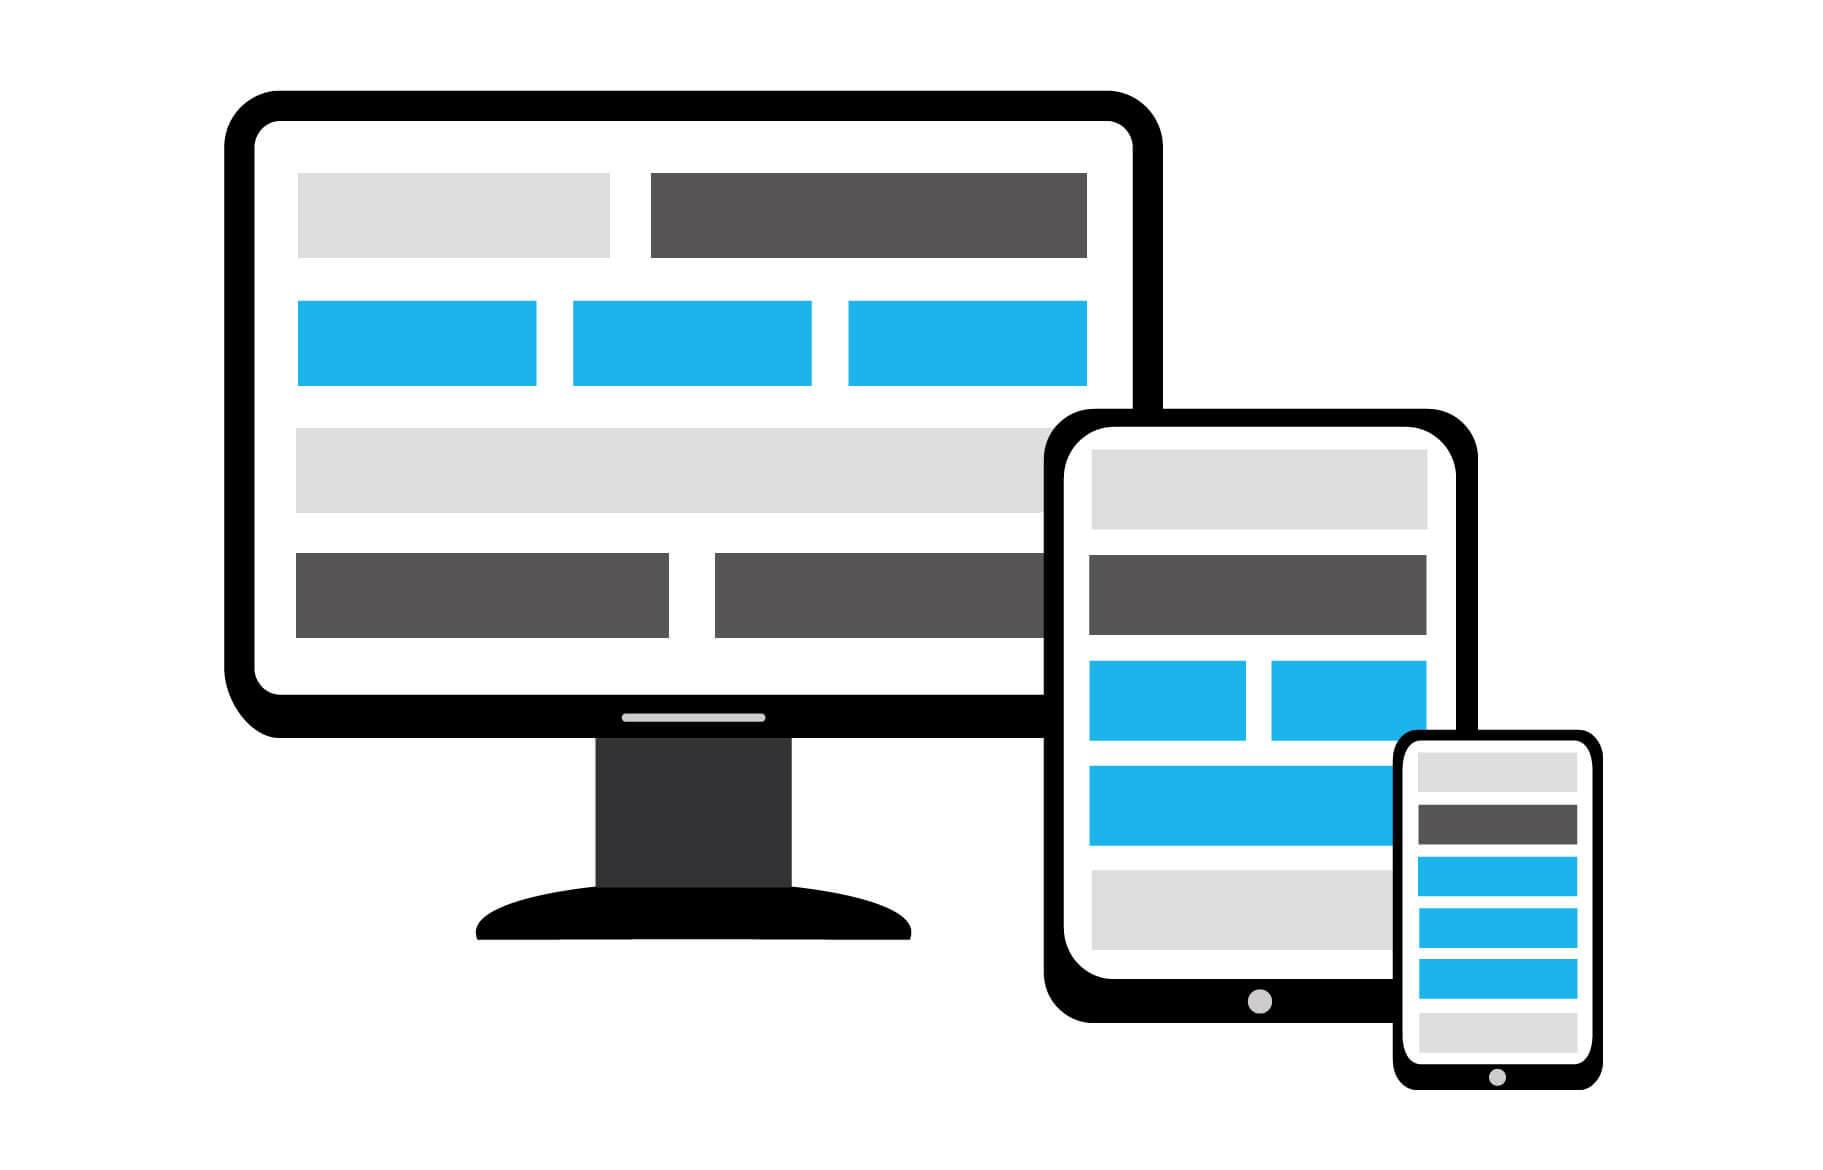 Dein neuer, erfolgreicher Webauftritt - <br/>Mit professioneller Webseite Kunden gewinnen & binden!